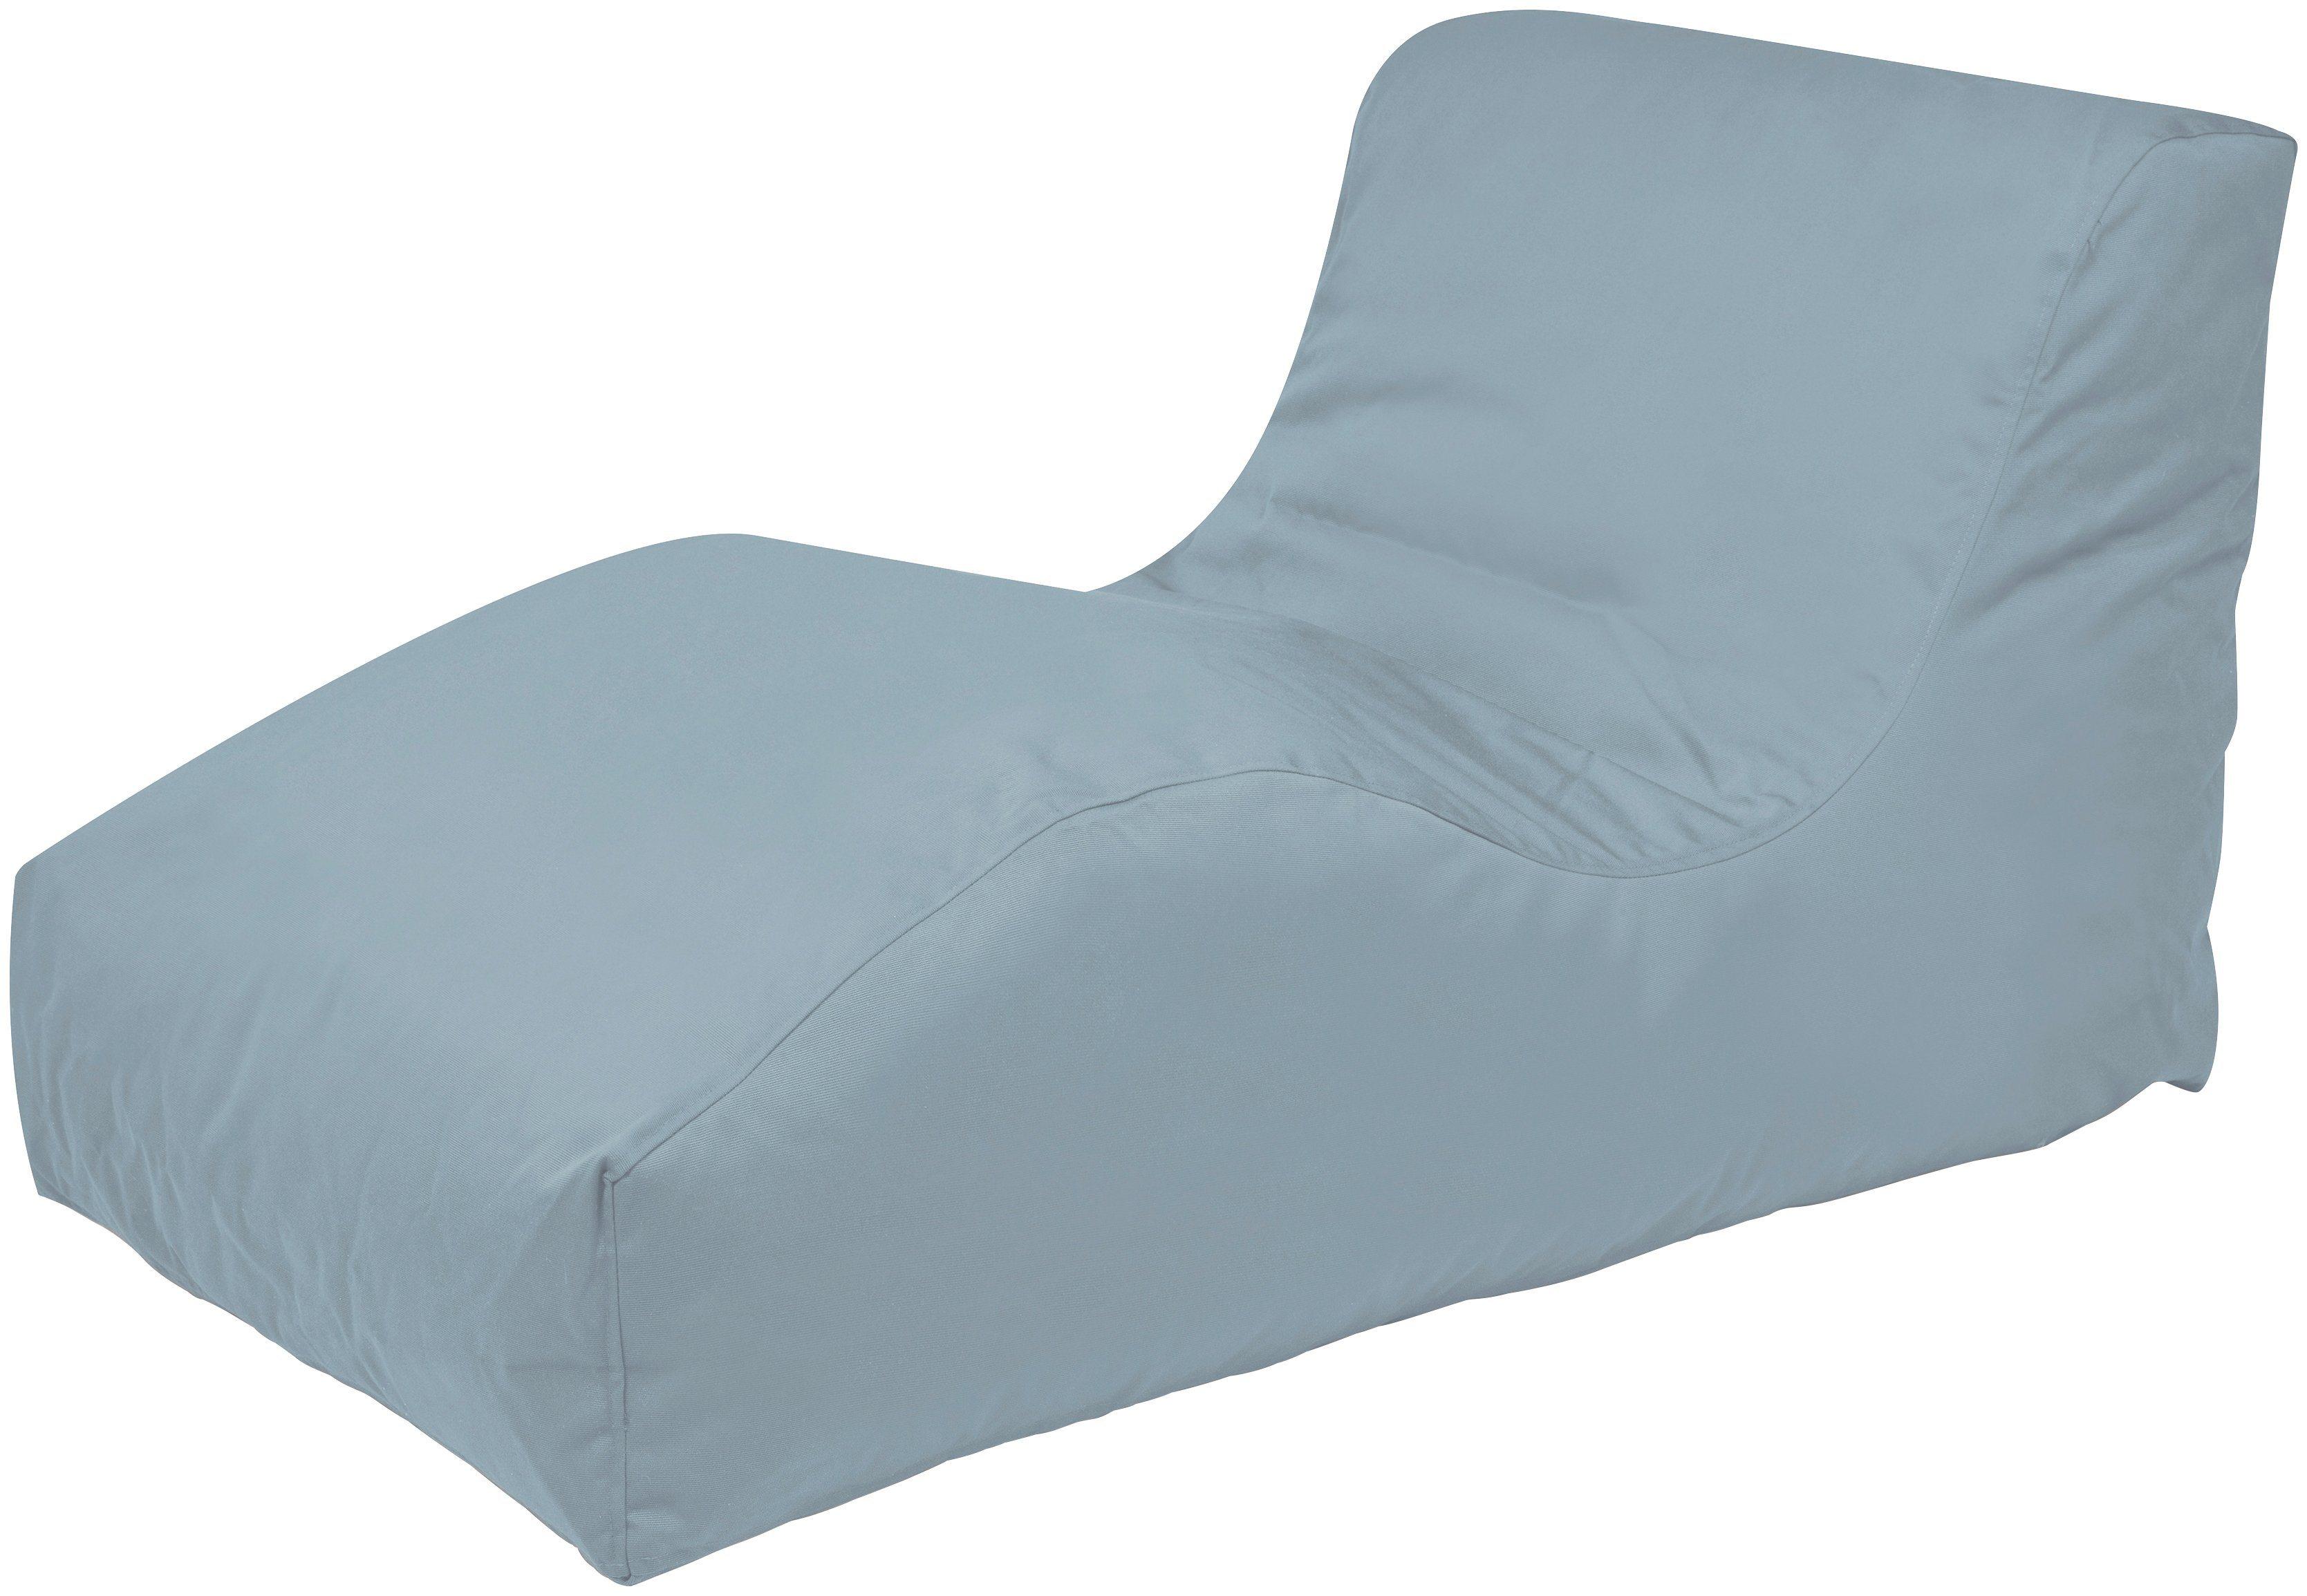 OUTBAG Sitzsack »Wave Plus«, wetterfest, für den Außenbereich, BxT: 70x125 cm | Wohnzimmer > Sessel > Sitzsaecke | Polyester | OUTBAG